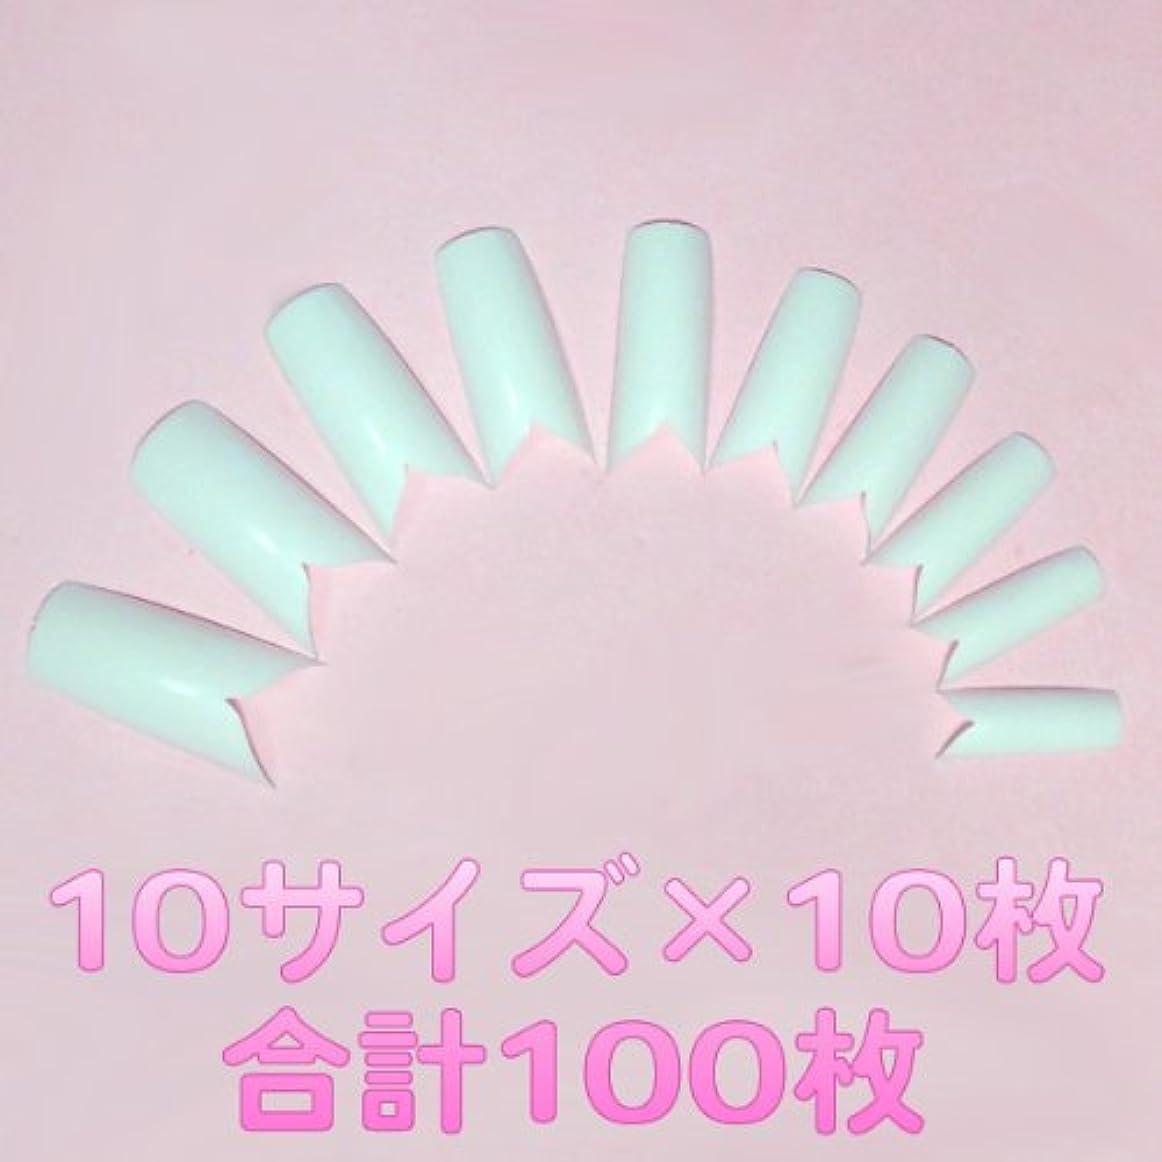 飾るあまりにもボトルネイルチップ フレンチホワイト ハーフタイプ シャープなスマイルライン[#c1] つけ爪付け爪